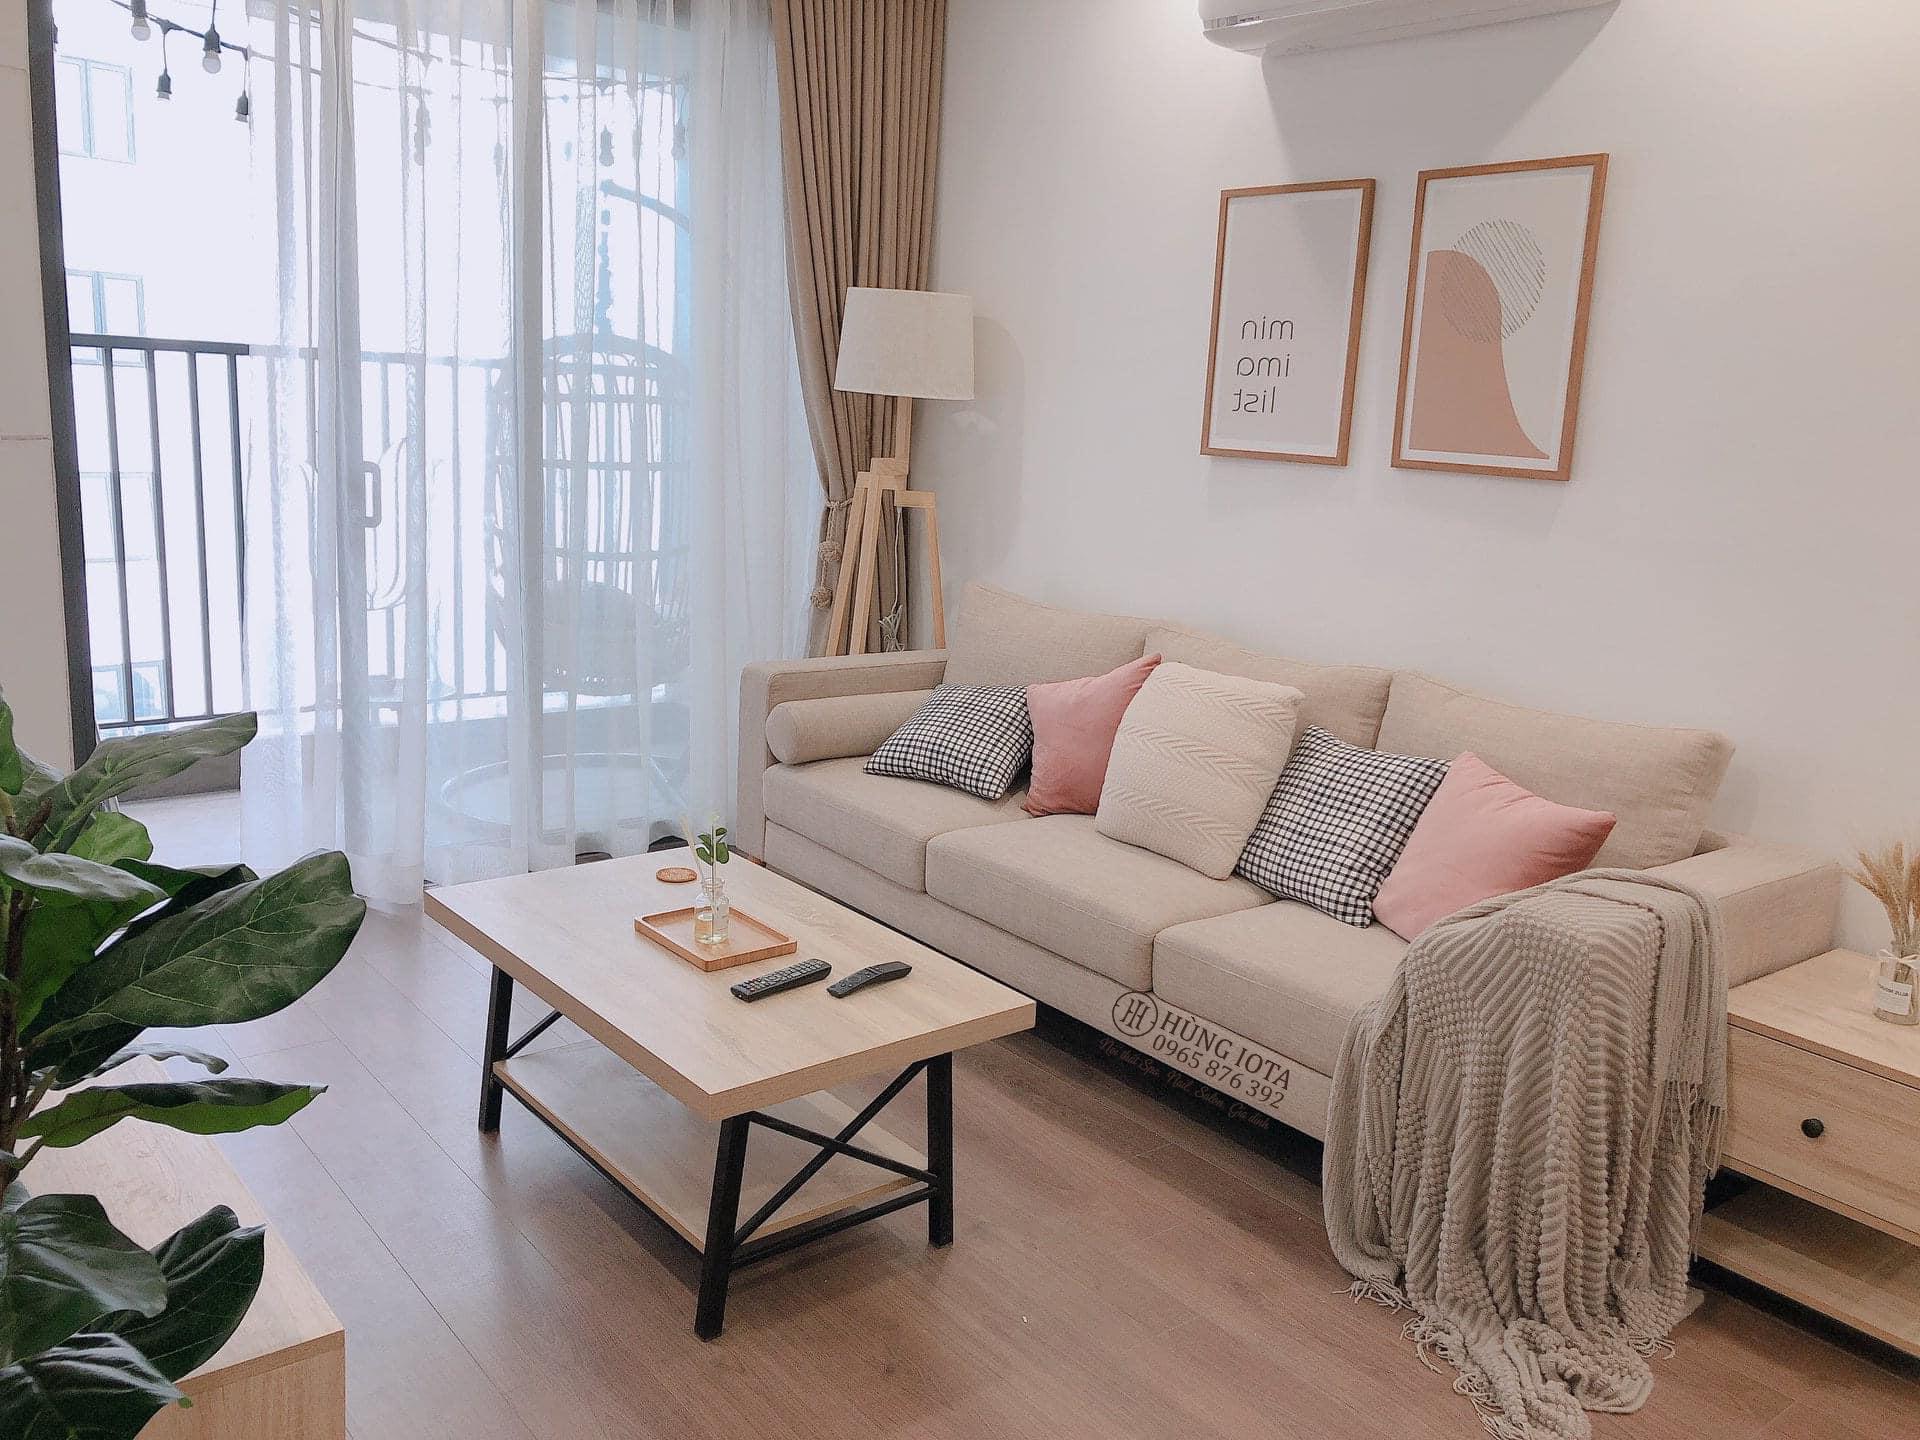 Sofa chung cư phong cách decor đẹp đơn giản giá rẻ